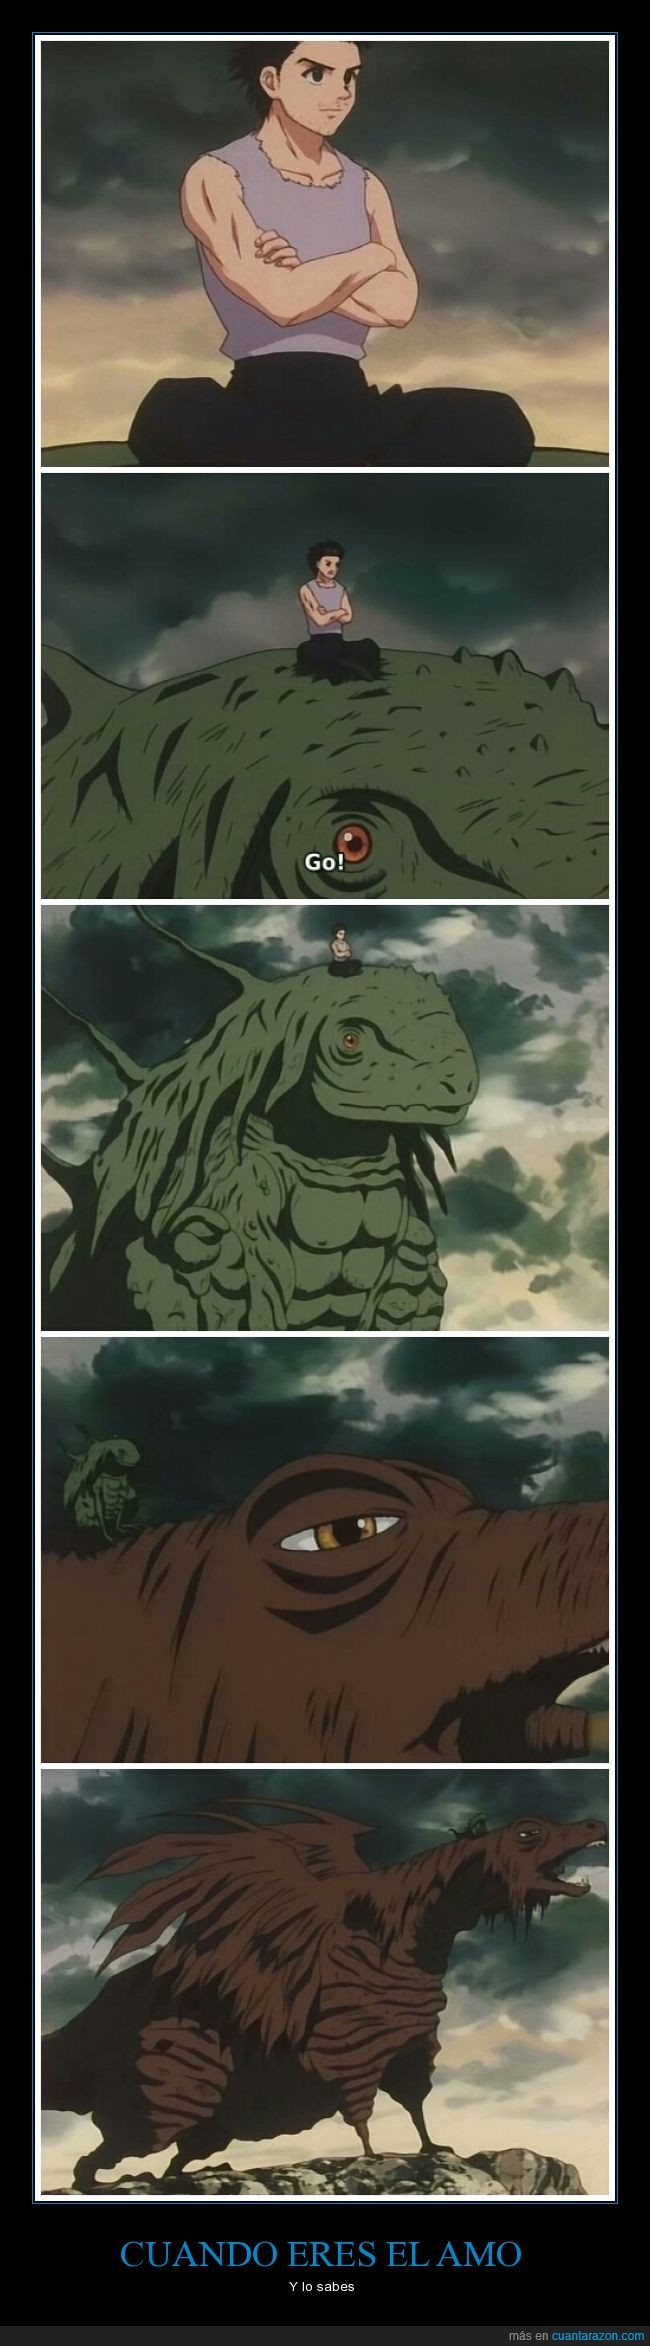 Amo,anime,gigante,monstruos